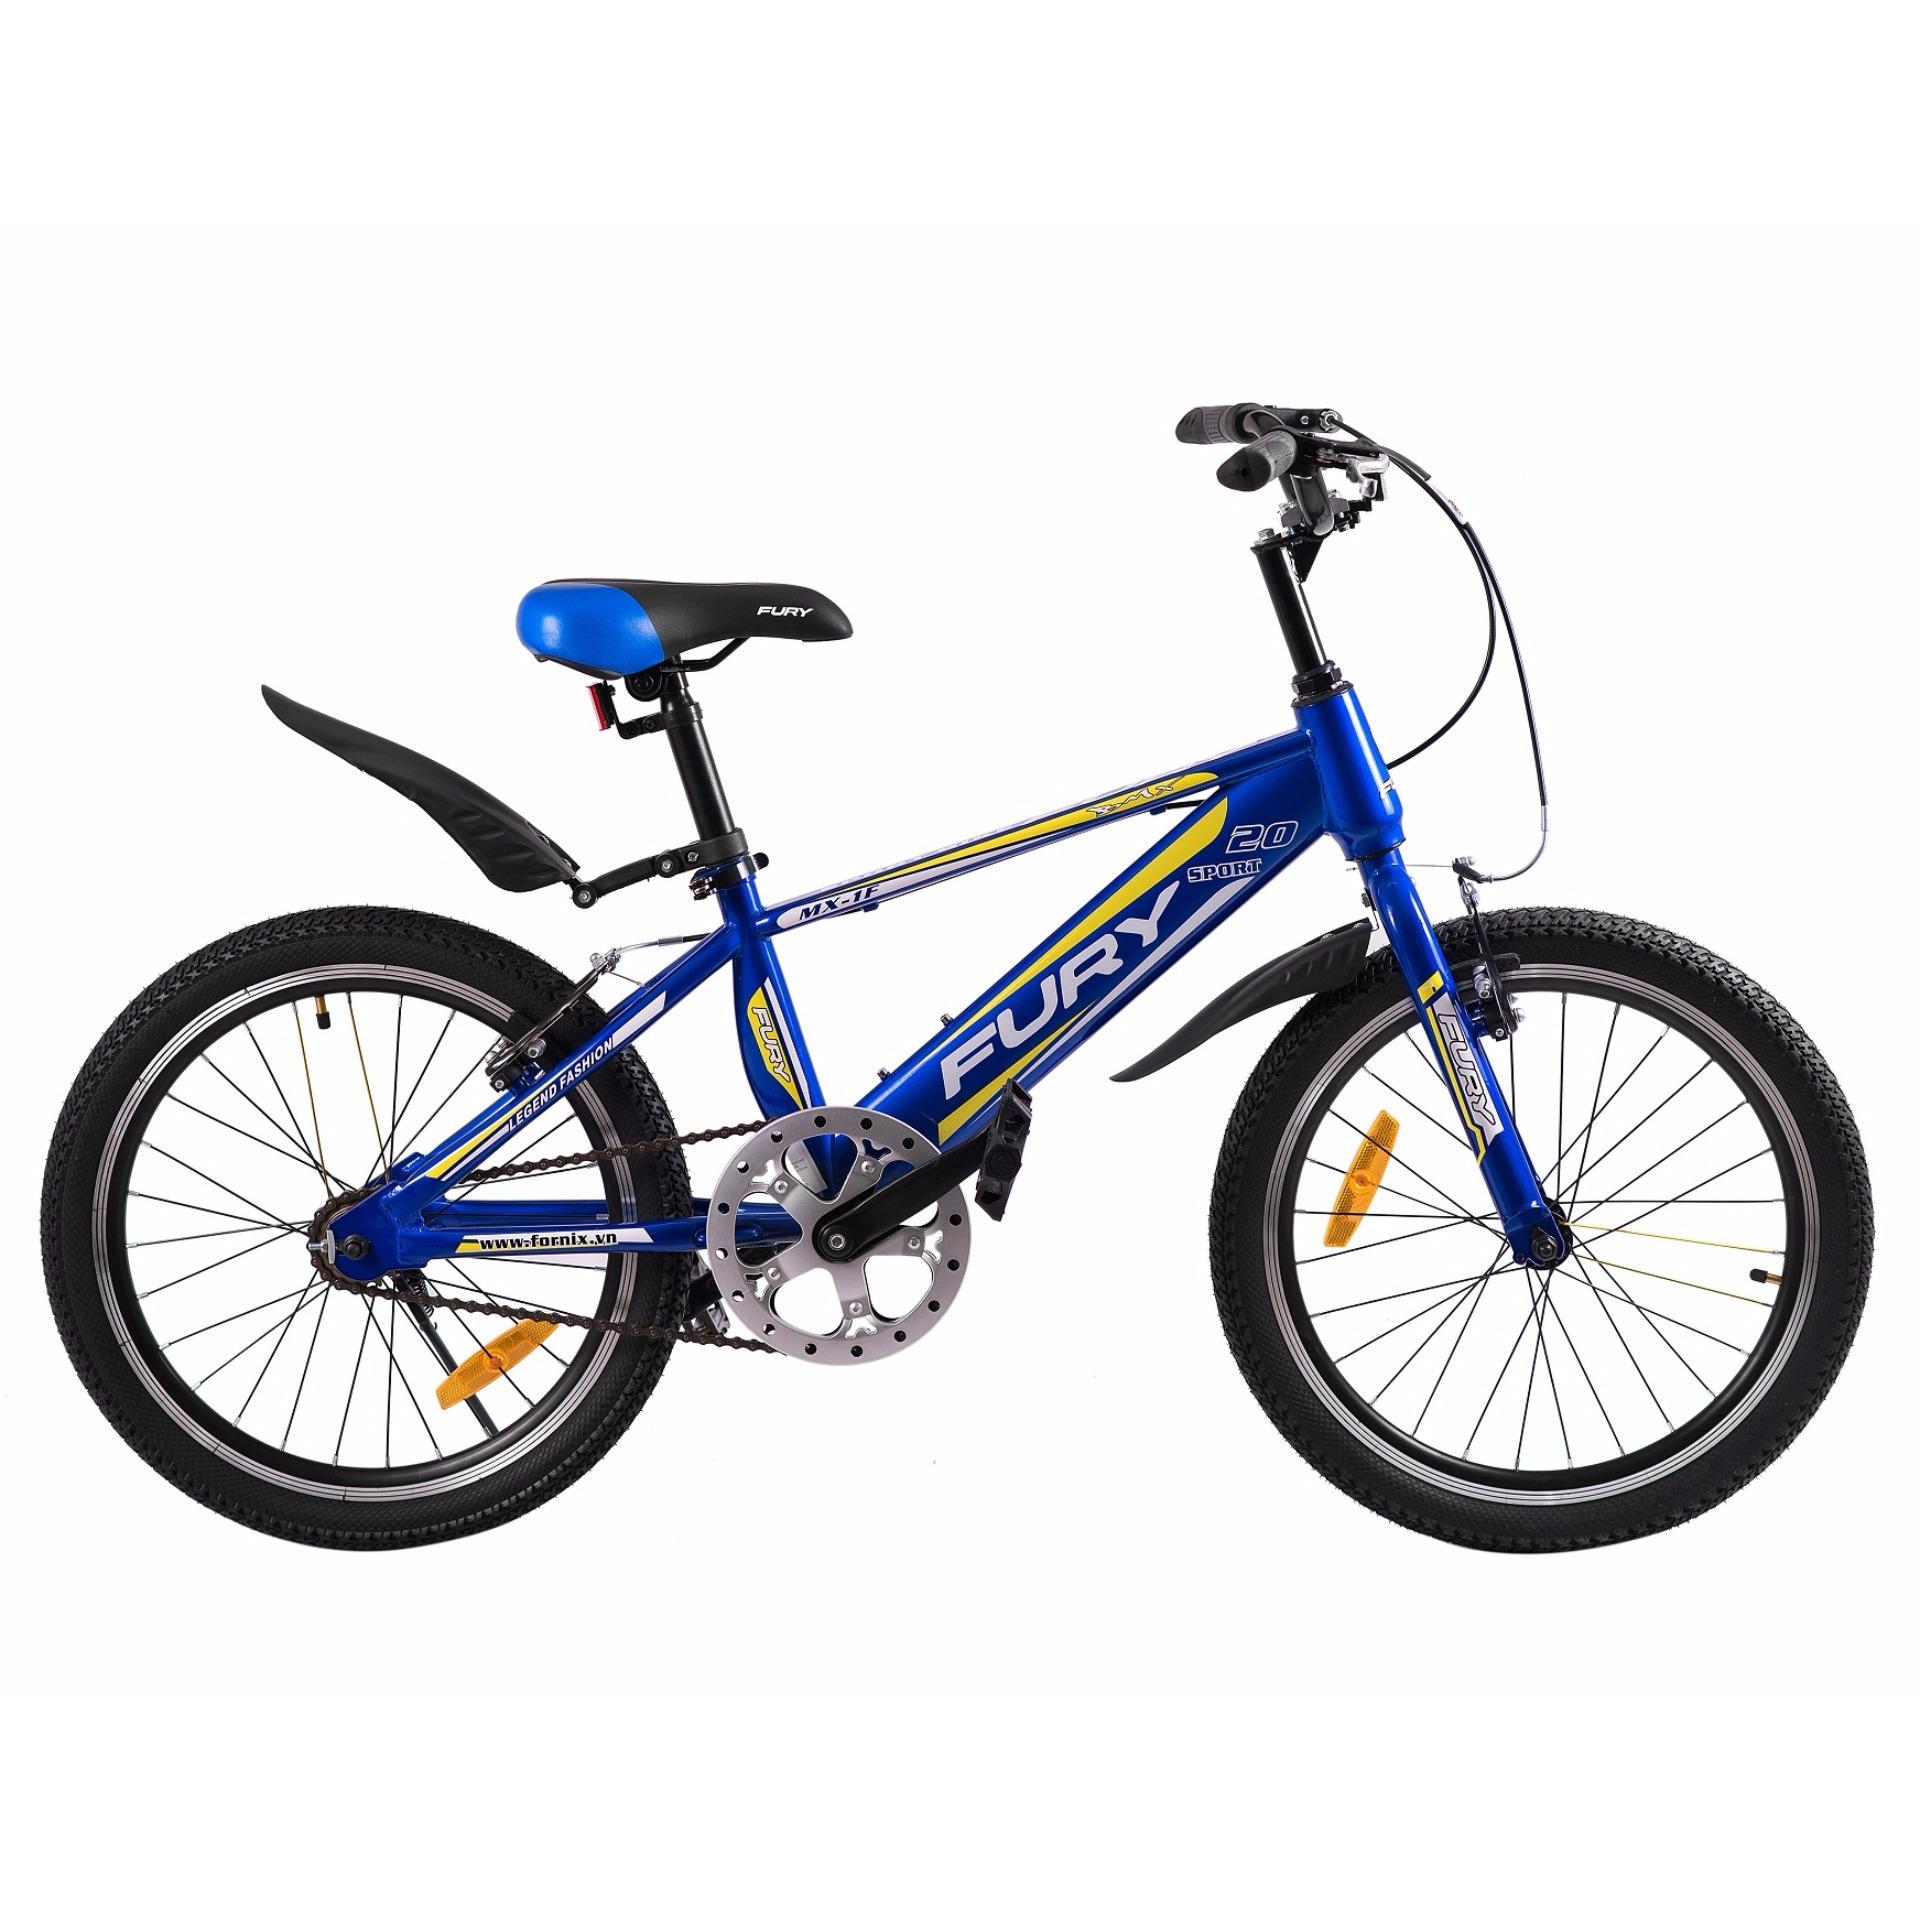 Xe đạp BMX, hiệu FURY, mã MX-1F ( xanh vàng )